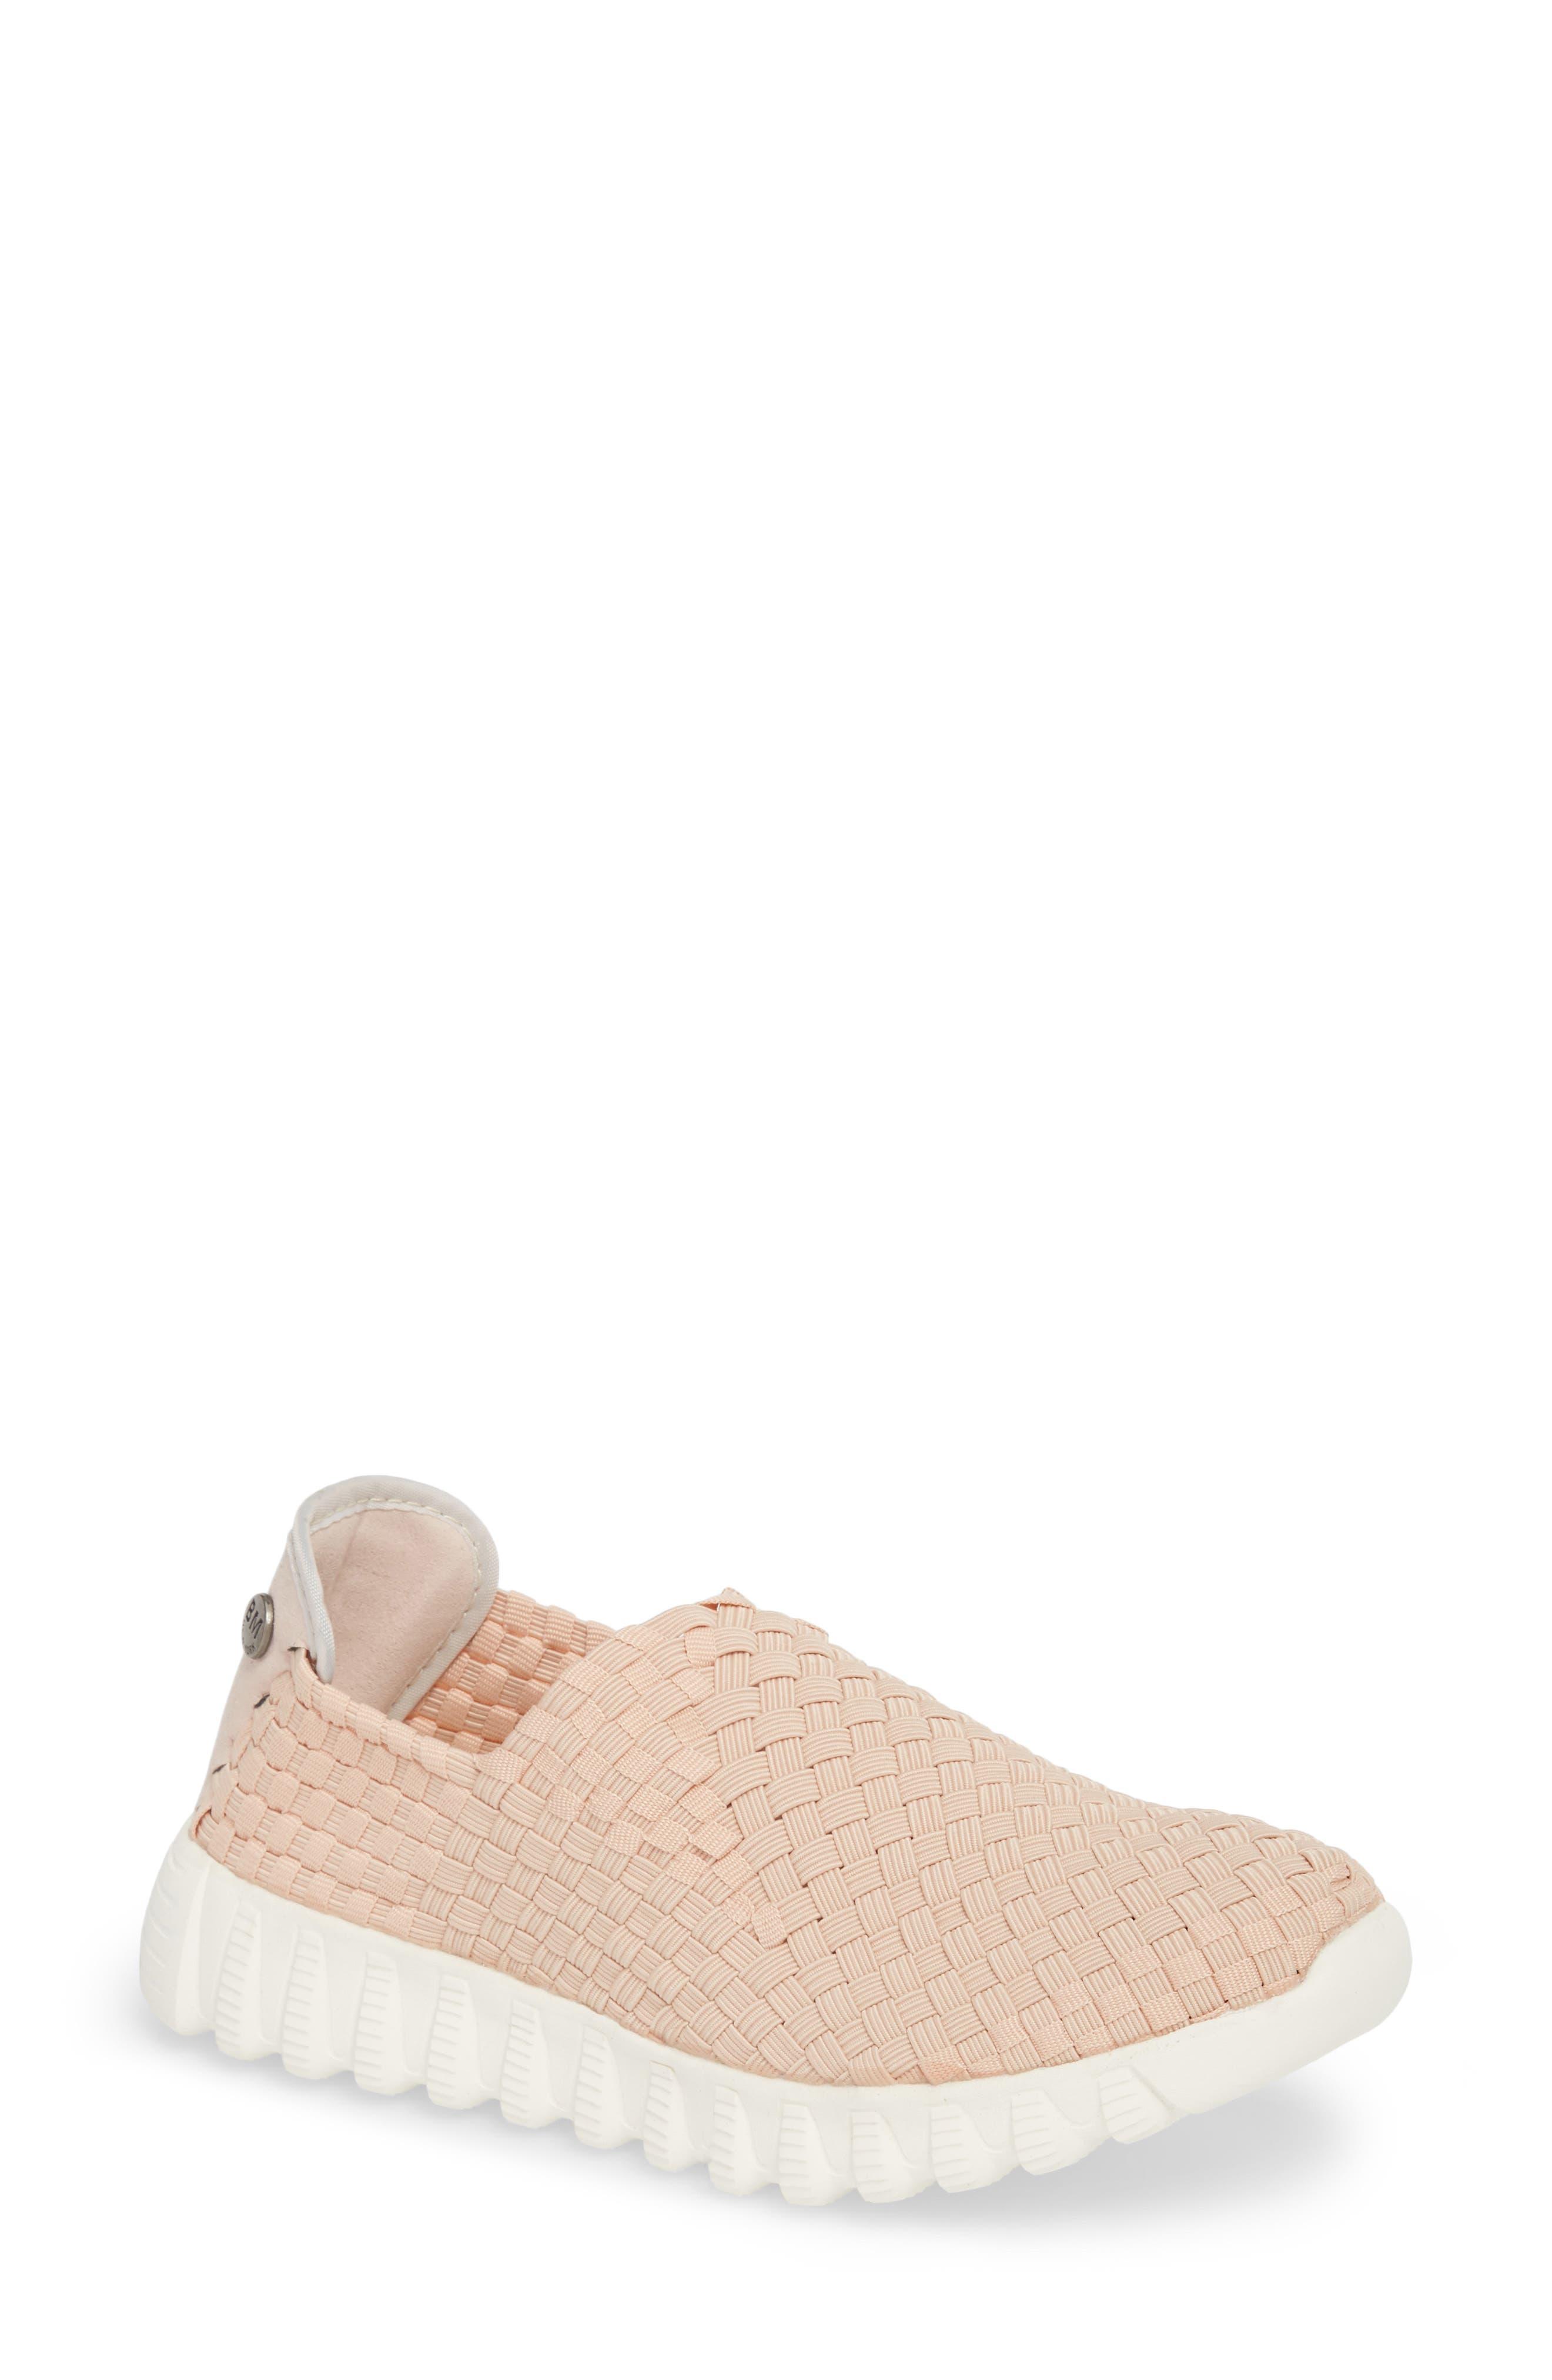 Woven Slip-On Sneaker,                             Main thumbnail 1, color,                             Blush Fabric